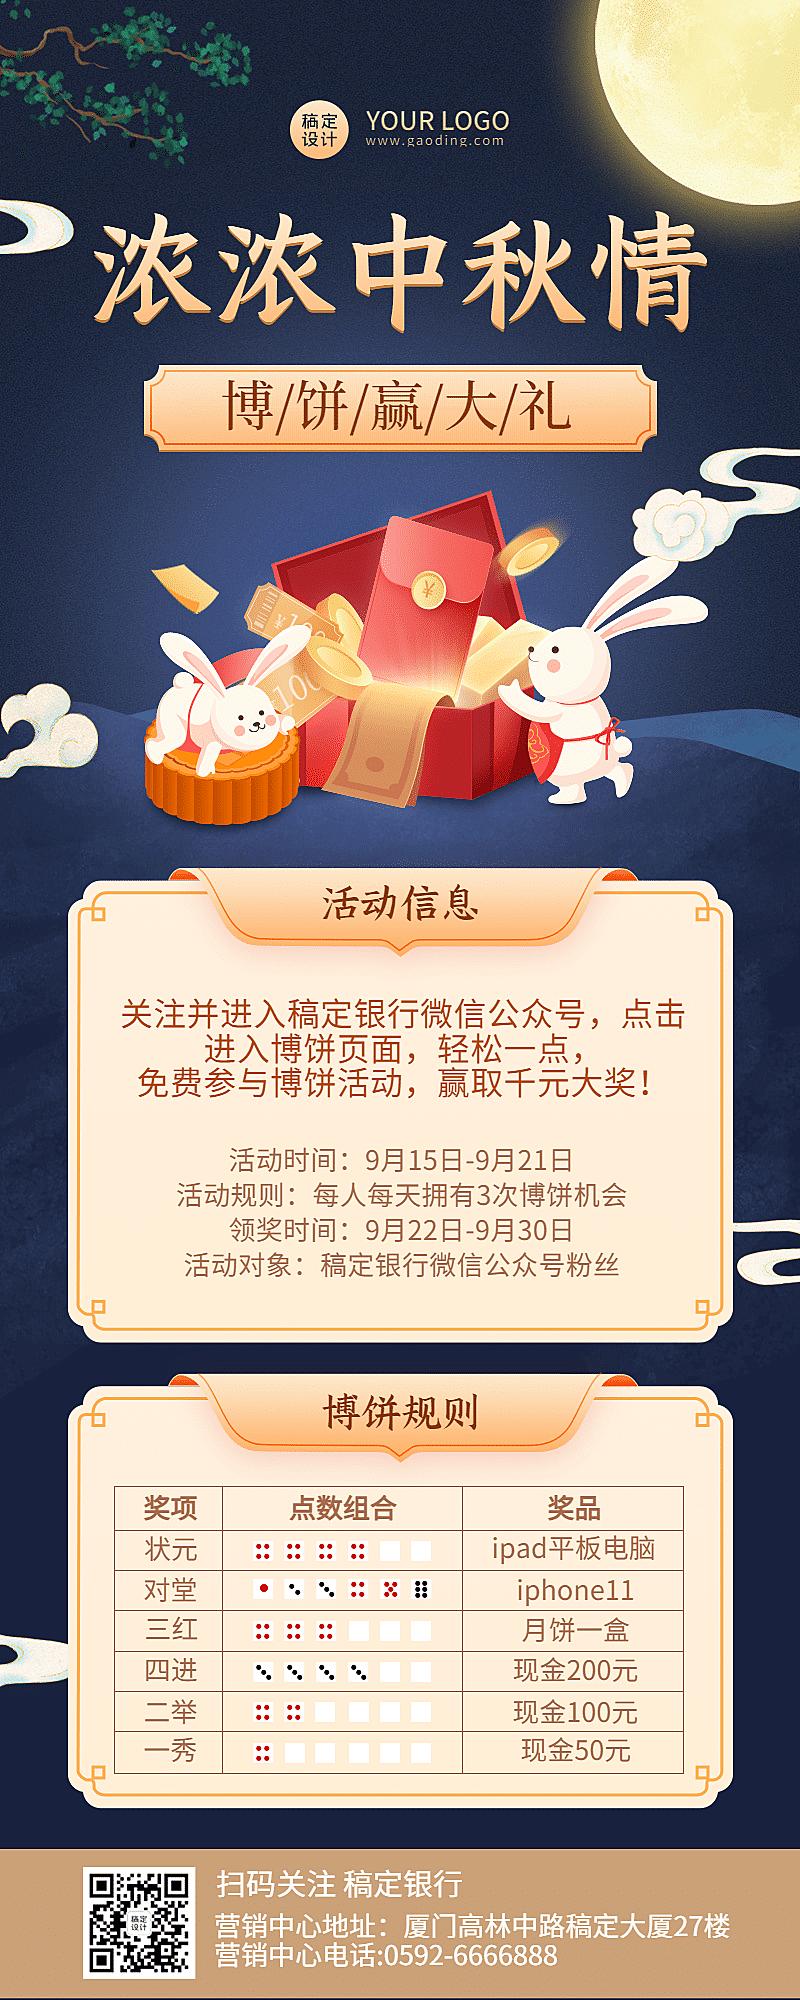 金融保险中秋节博饼活动长图海报